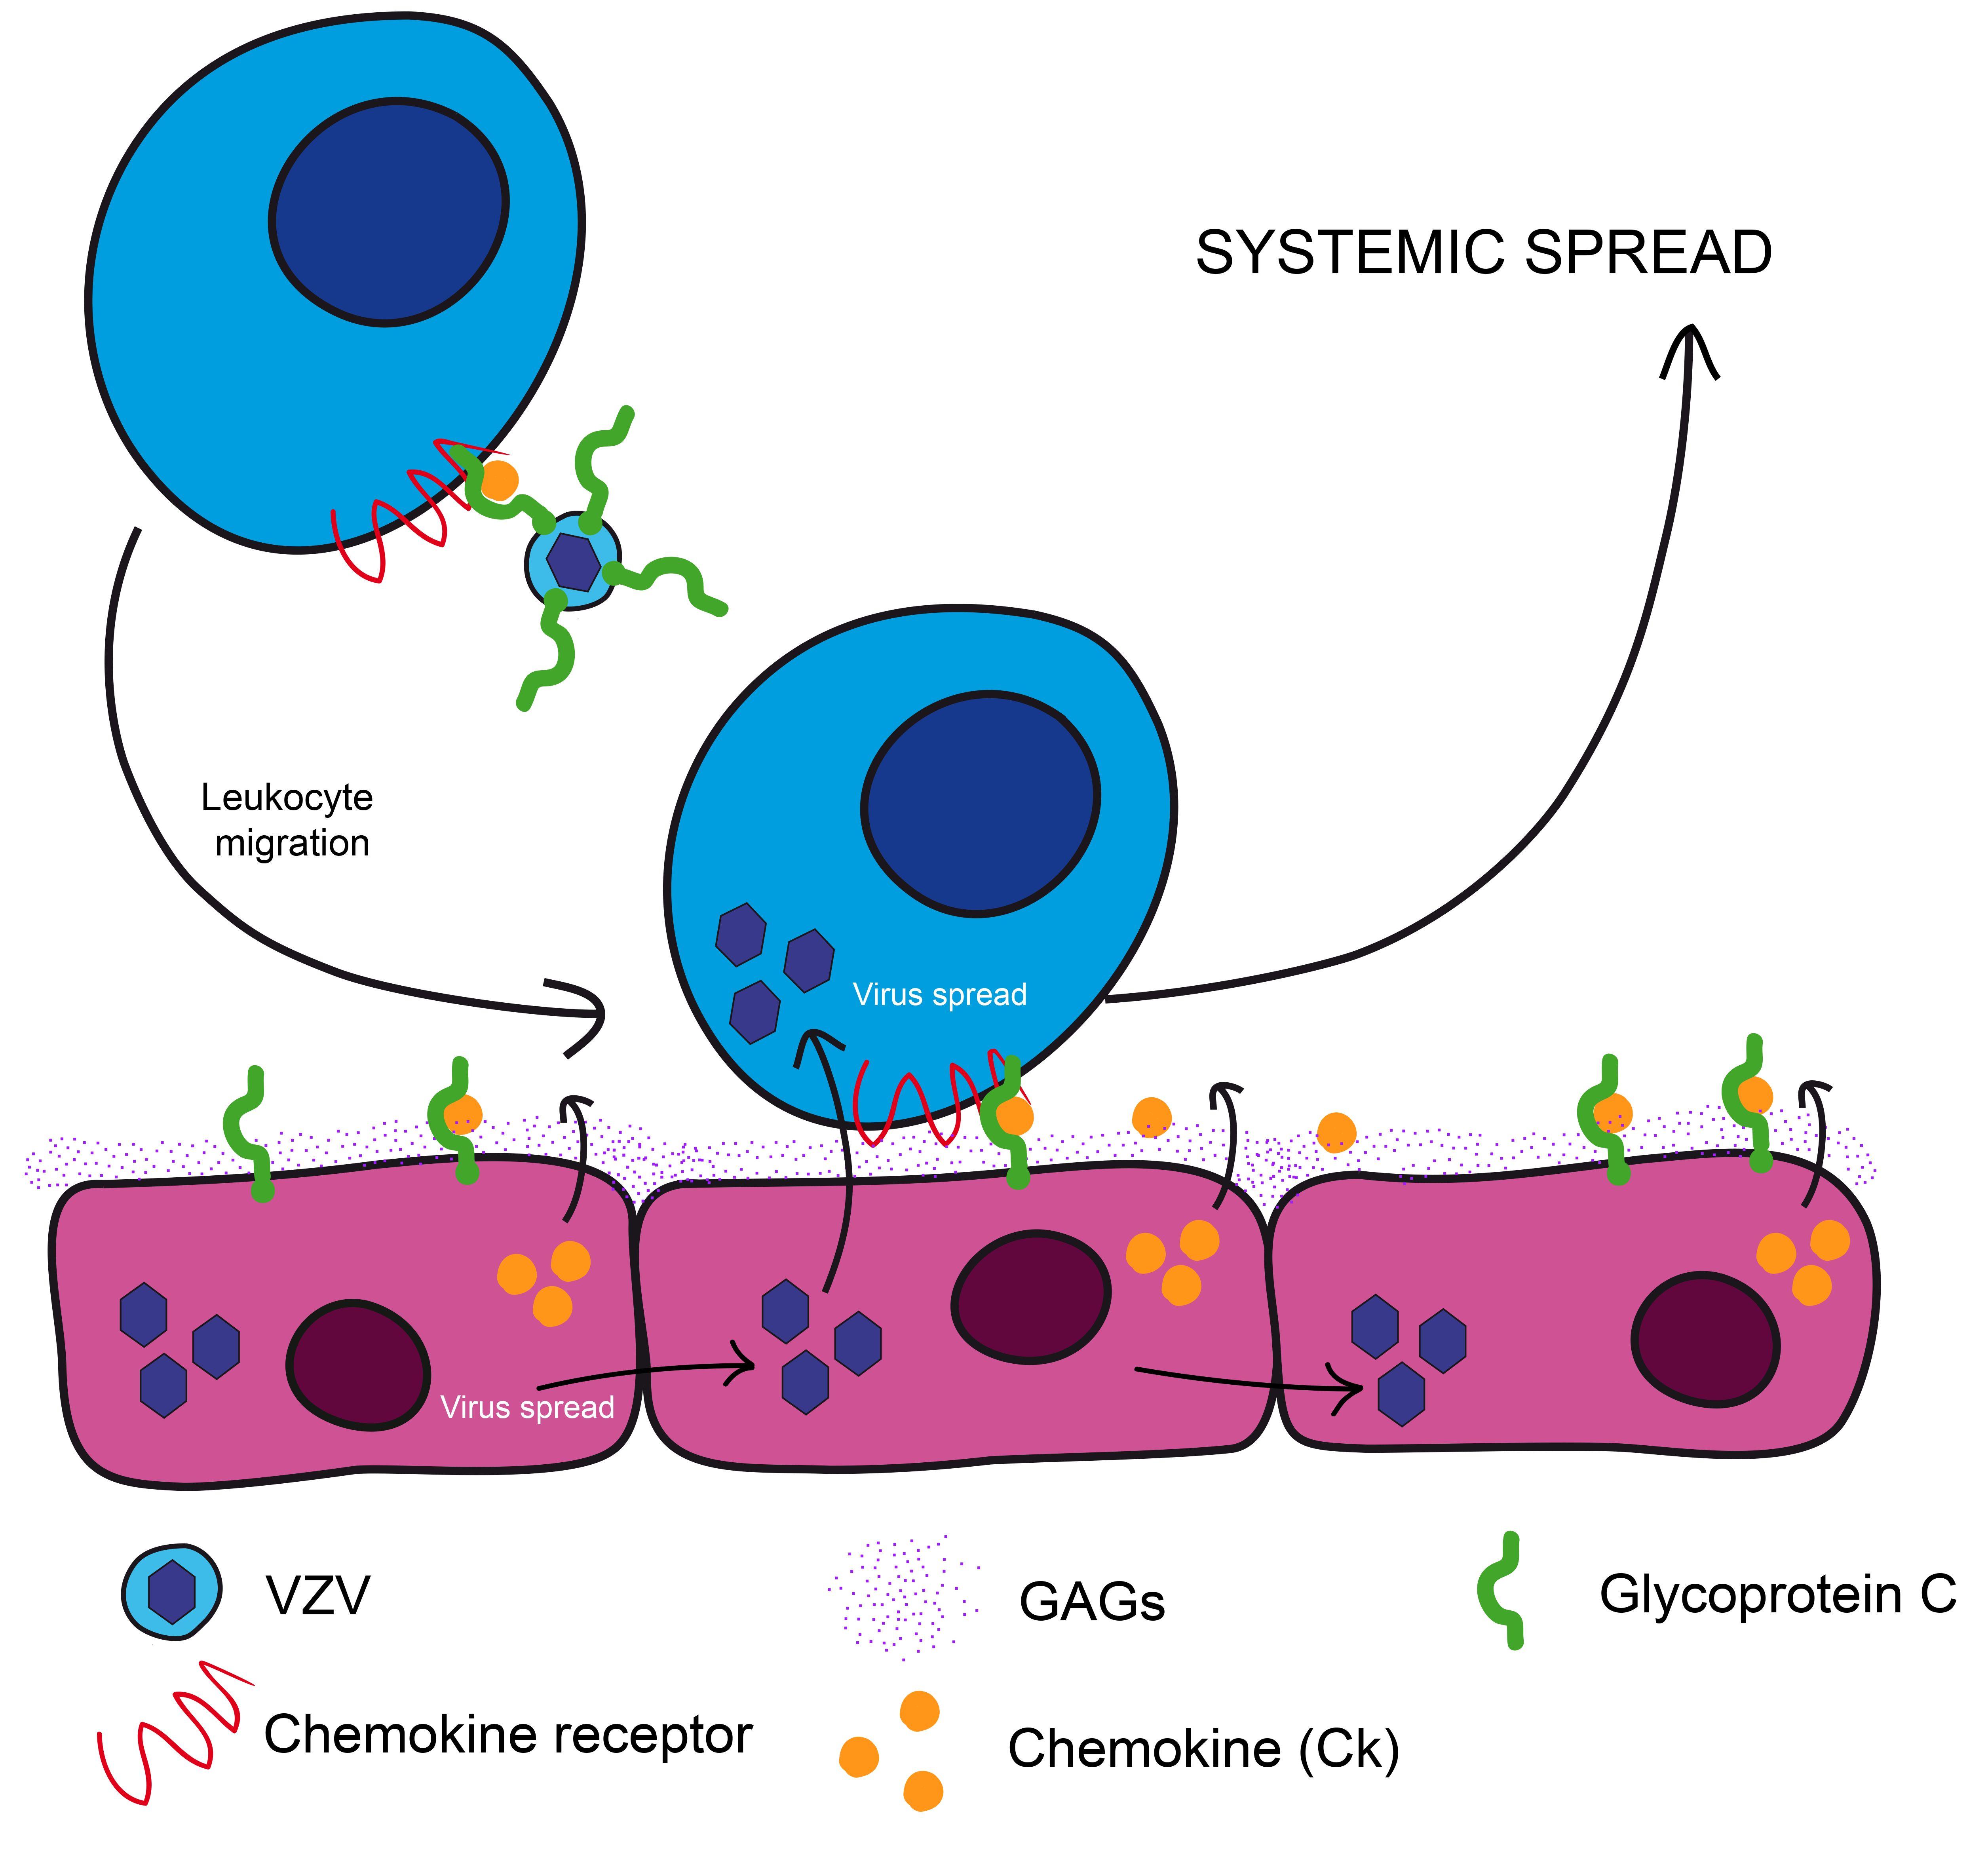 Así se propaga el virus de la varicela por el cuerpo / Noticias / SINC